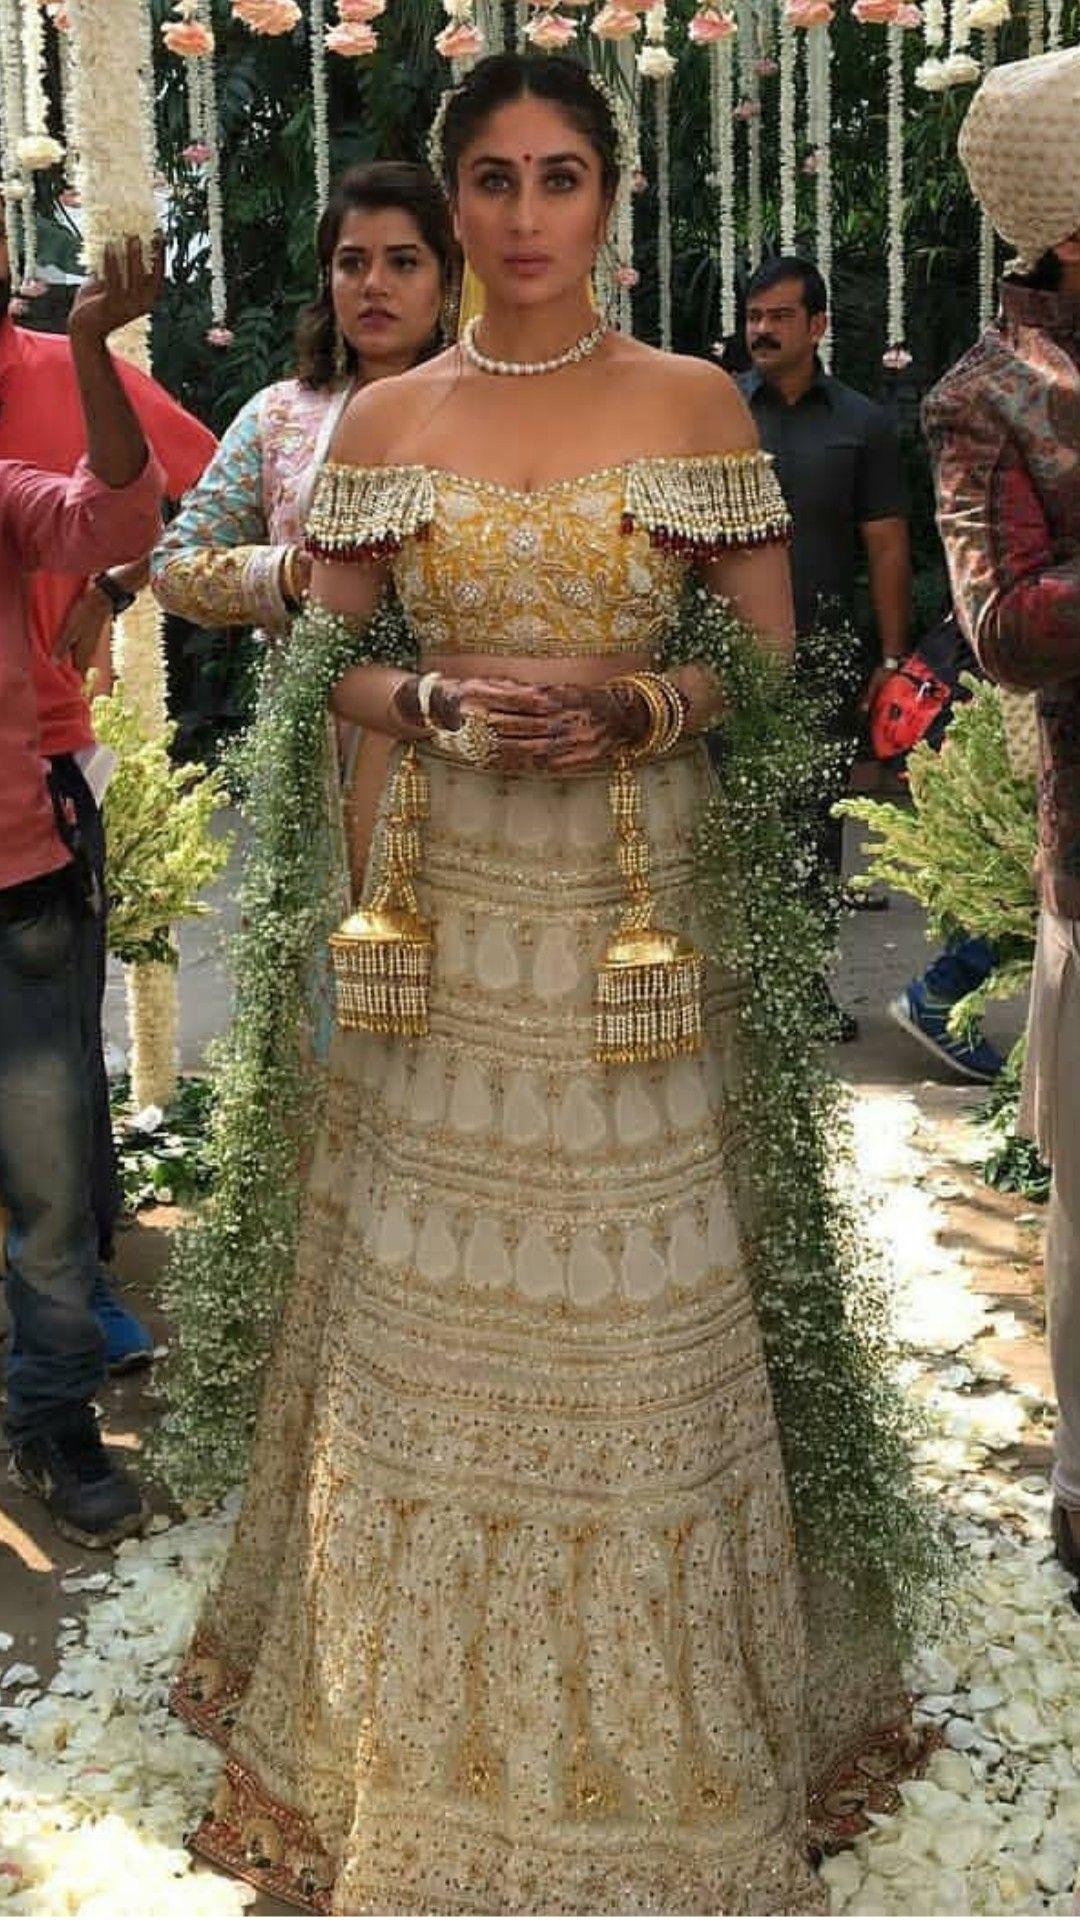 Pin By Adithihegde On Kareena Kapoor Princess Indian Wedding Fashion Indian Wedding Gowns Indian Bridal Dress